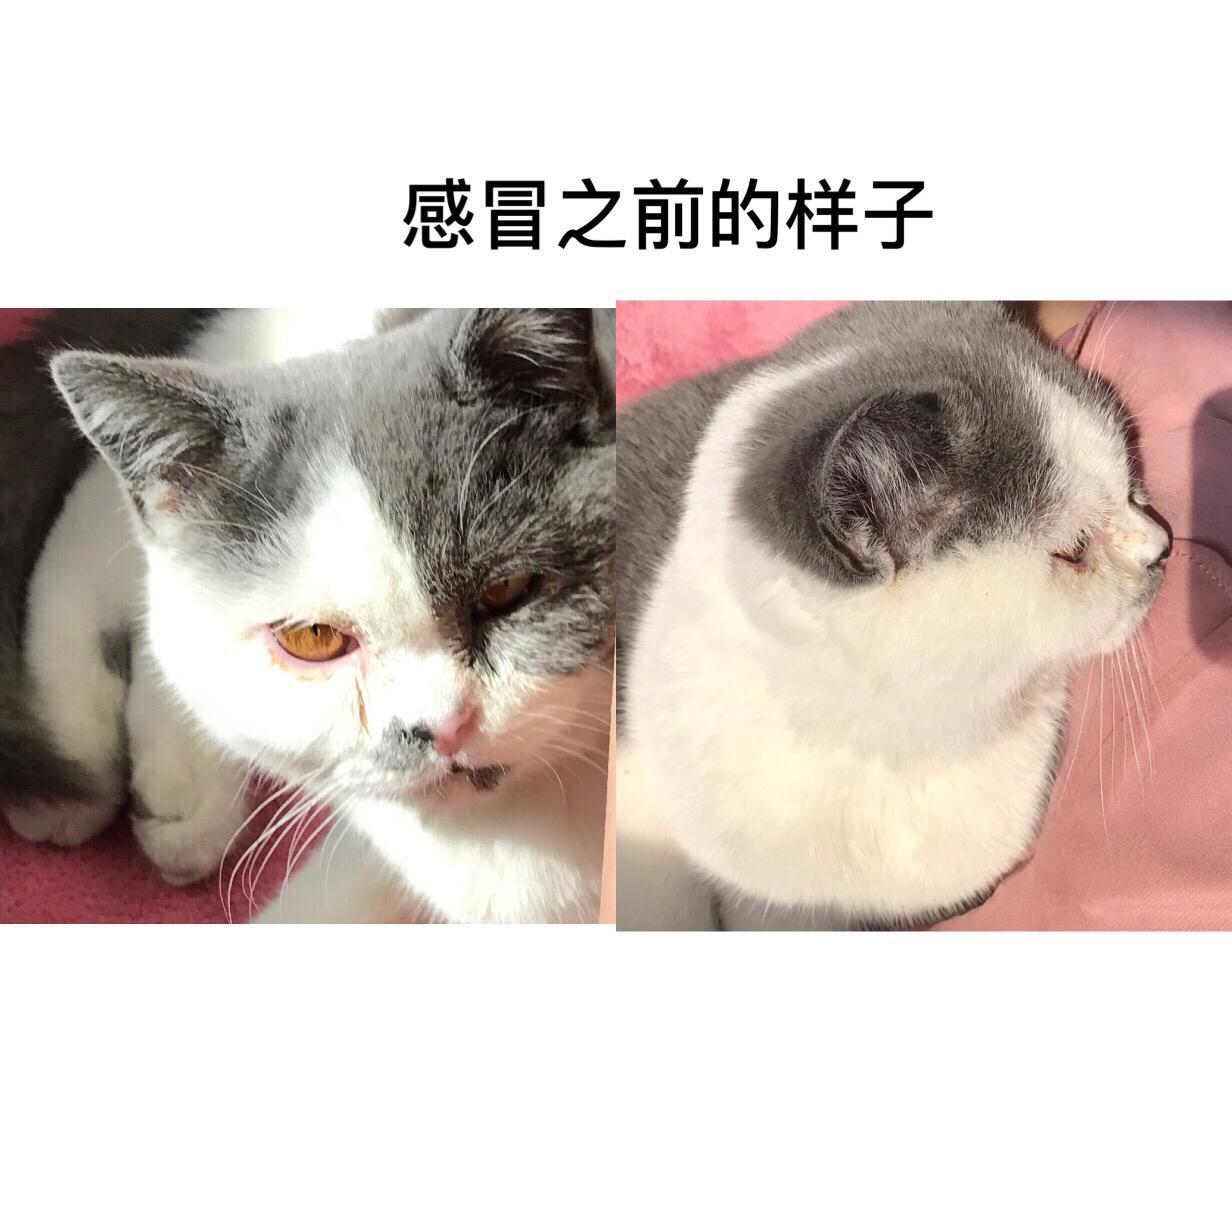 猫眼睛发炎